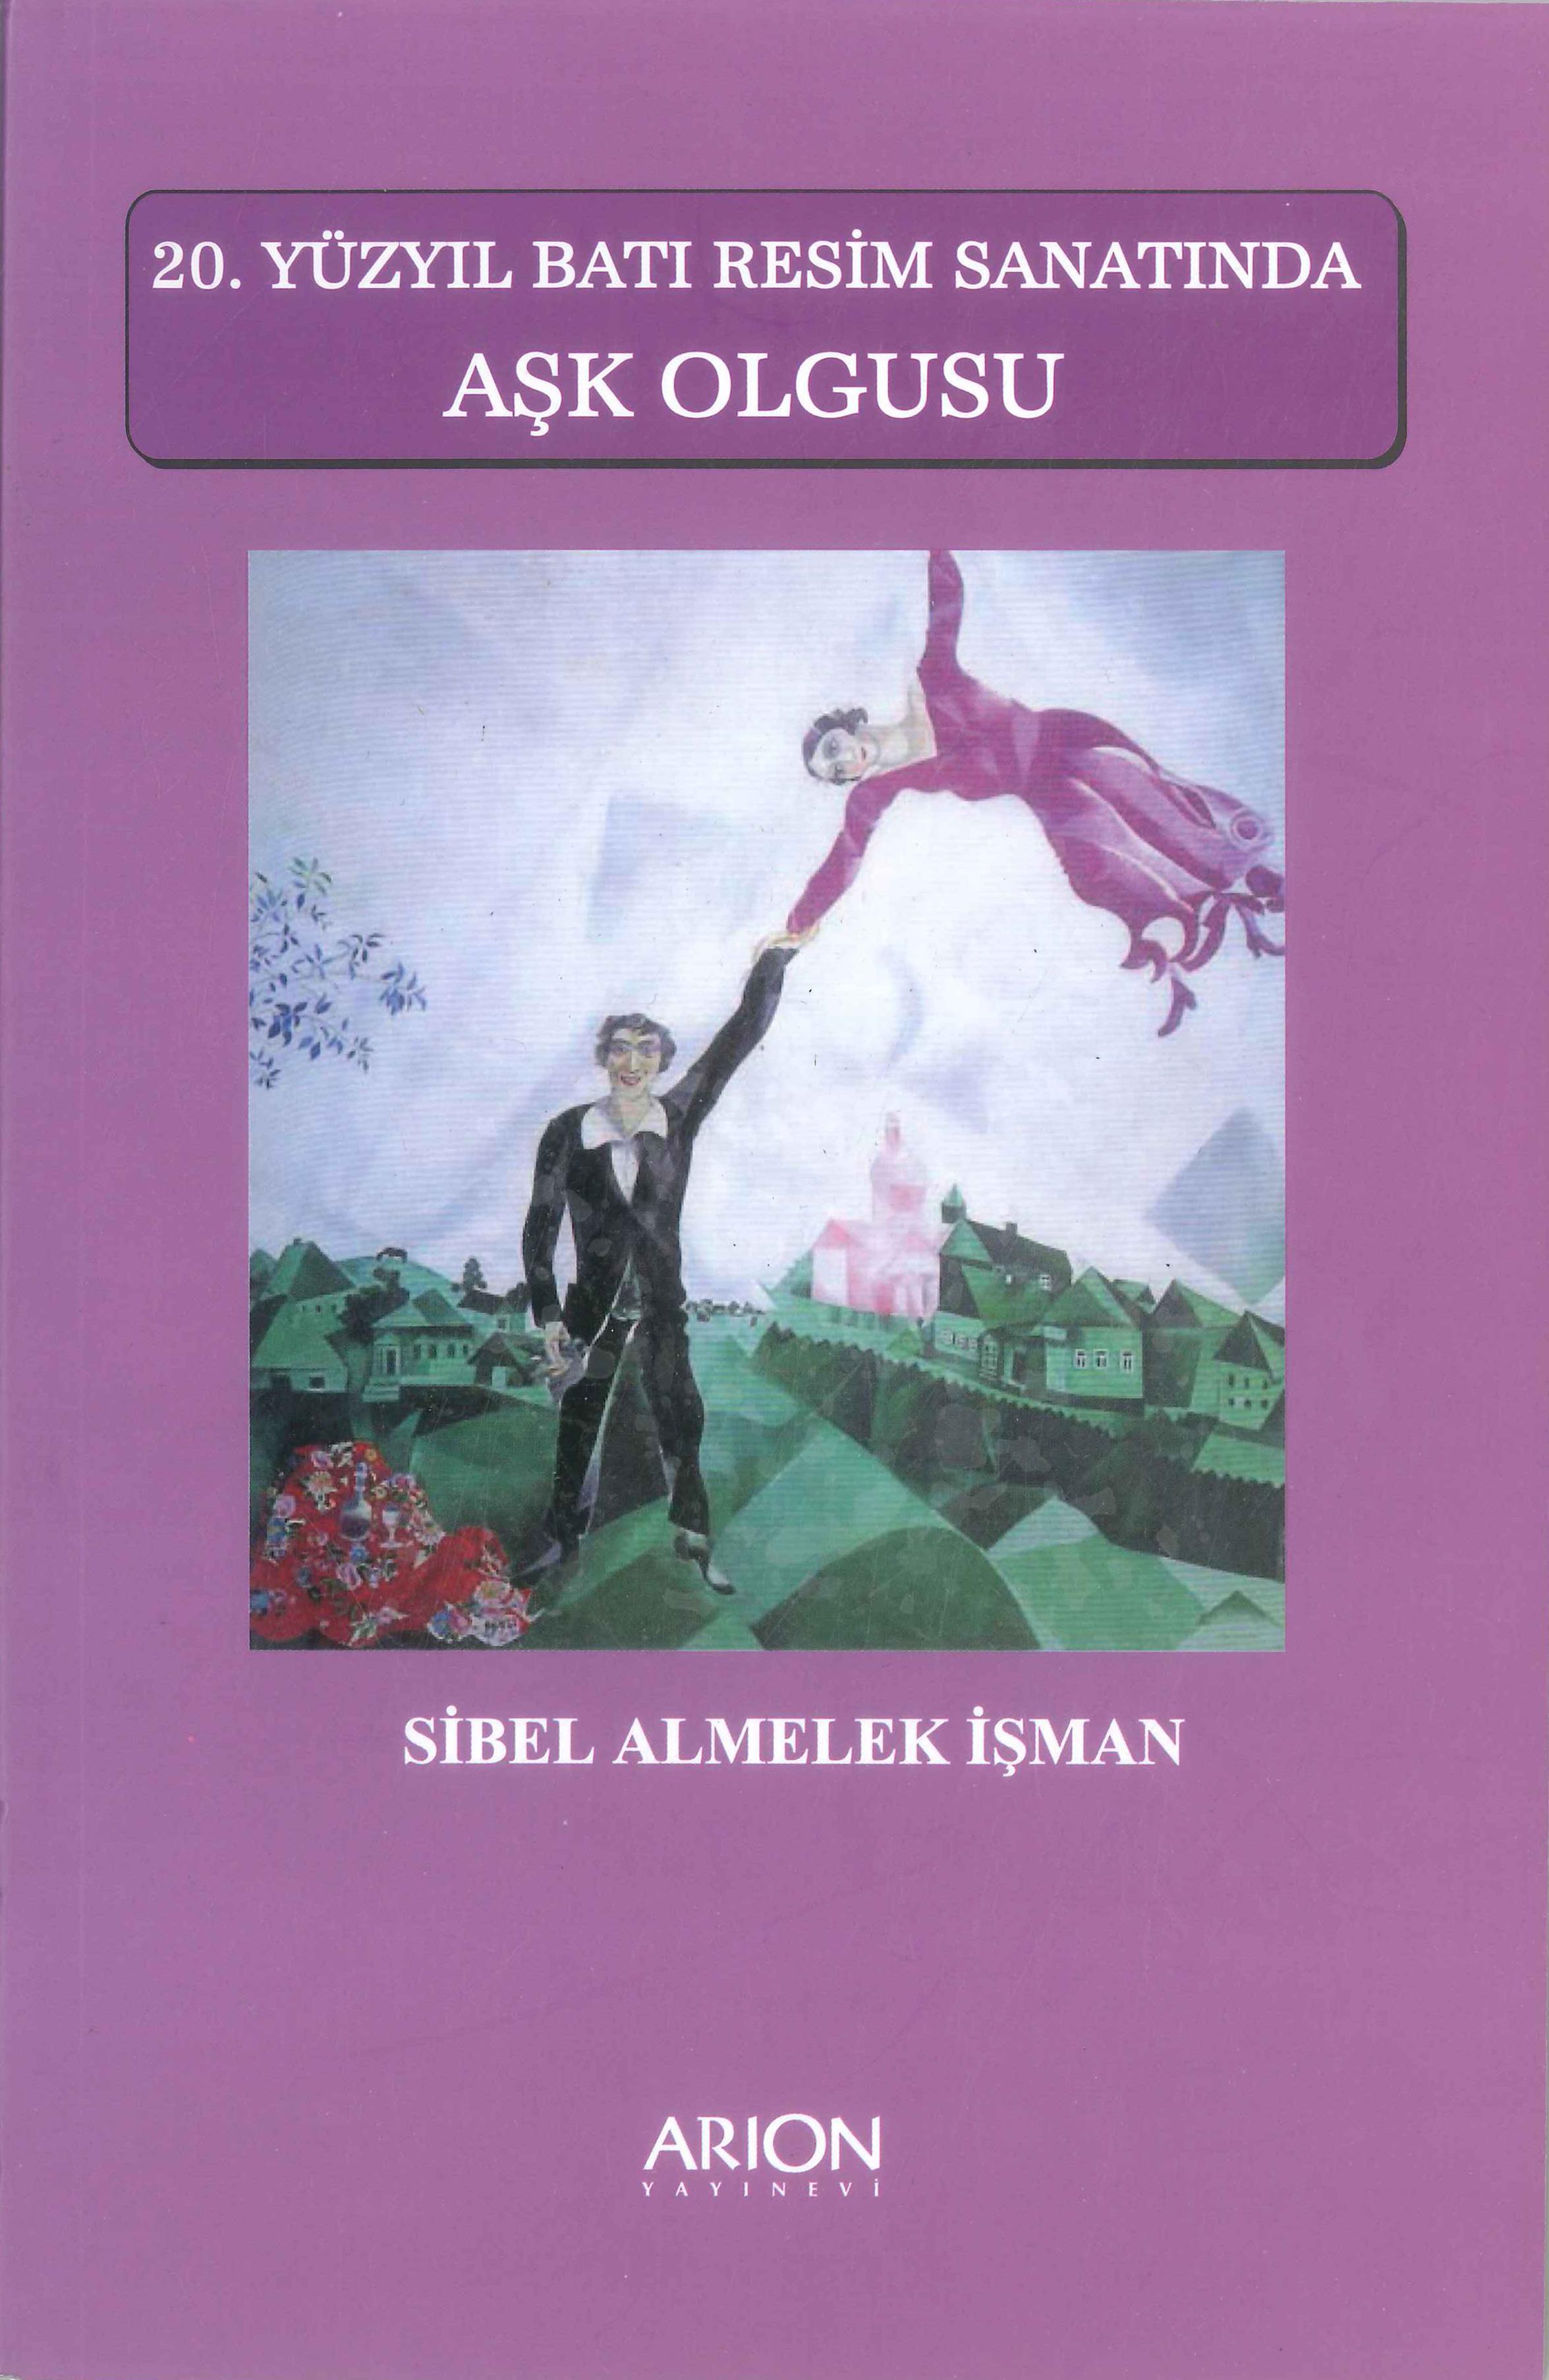 20. Yüzyıl Batı Resim Sanatında Aşk Olgusu - sibel almelek işman